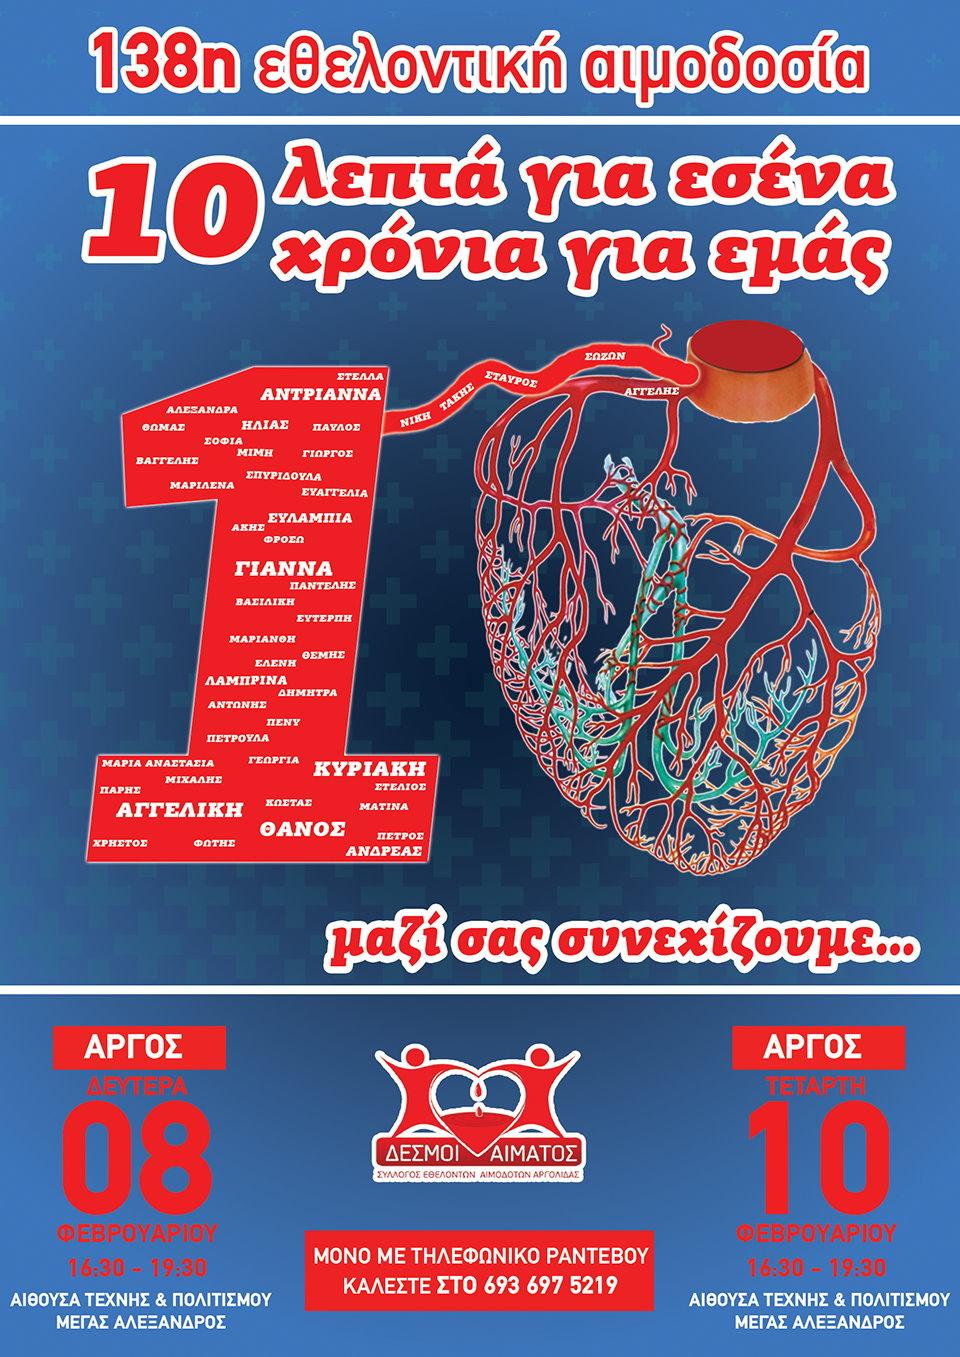 138η τακτική εθελοντική αιμοδοσία στο Άργος - Mόνο με ραντεβού